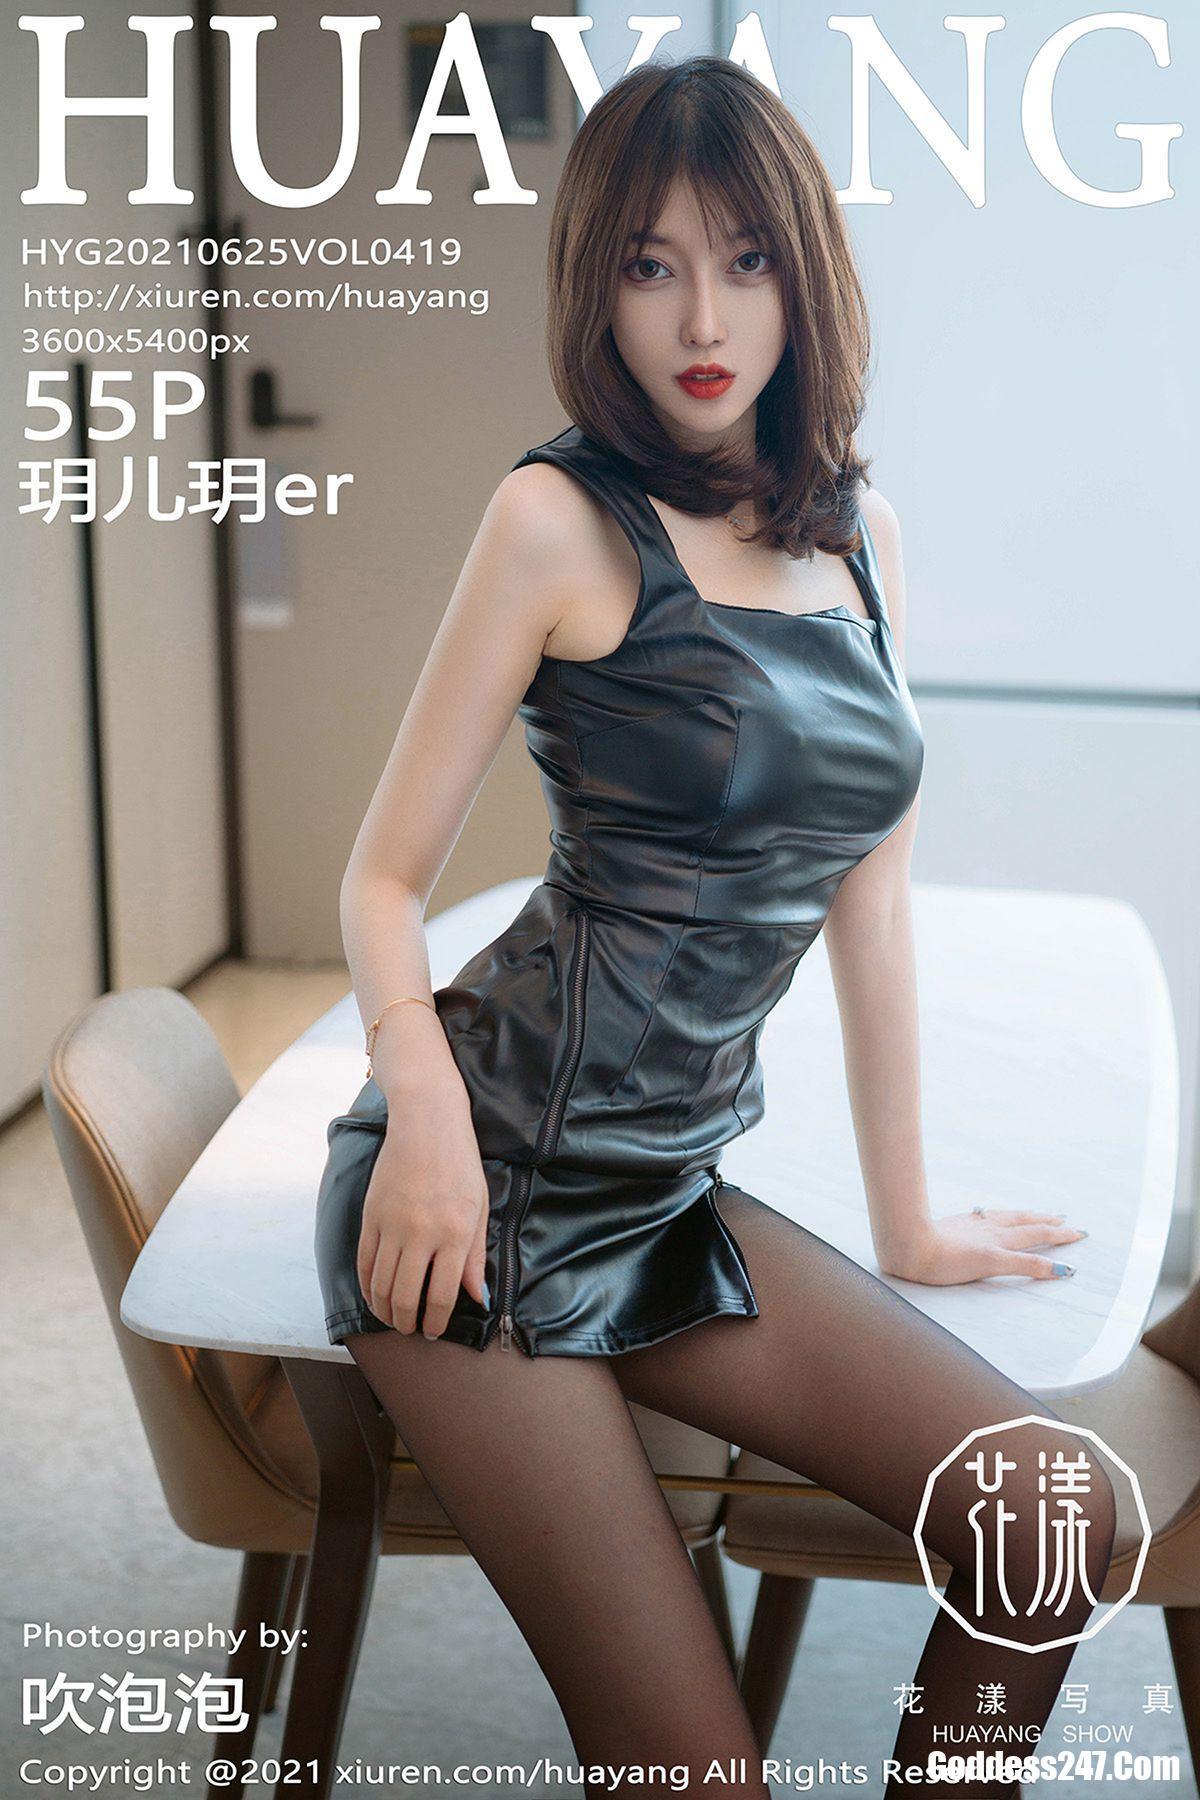 花漾show HuaYang